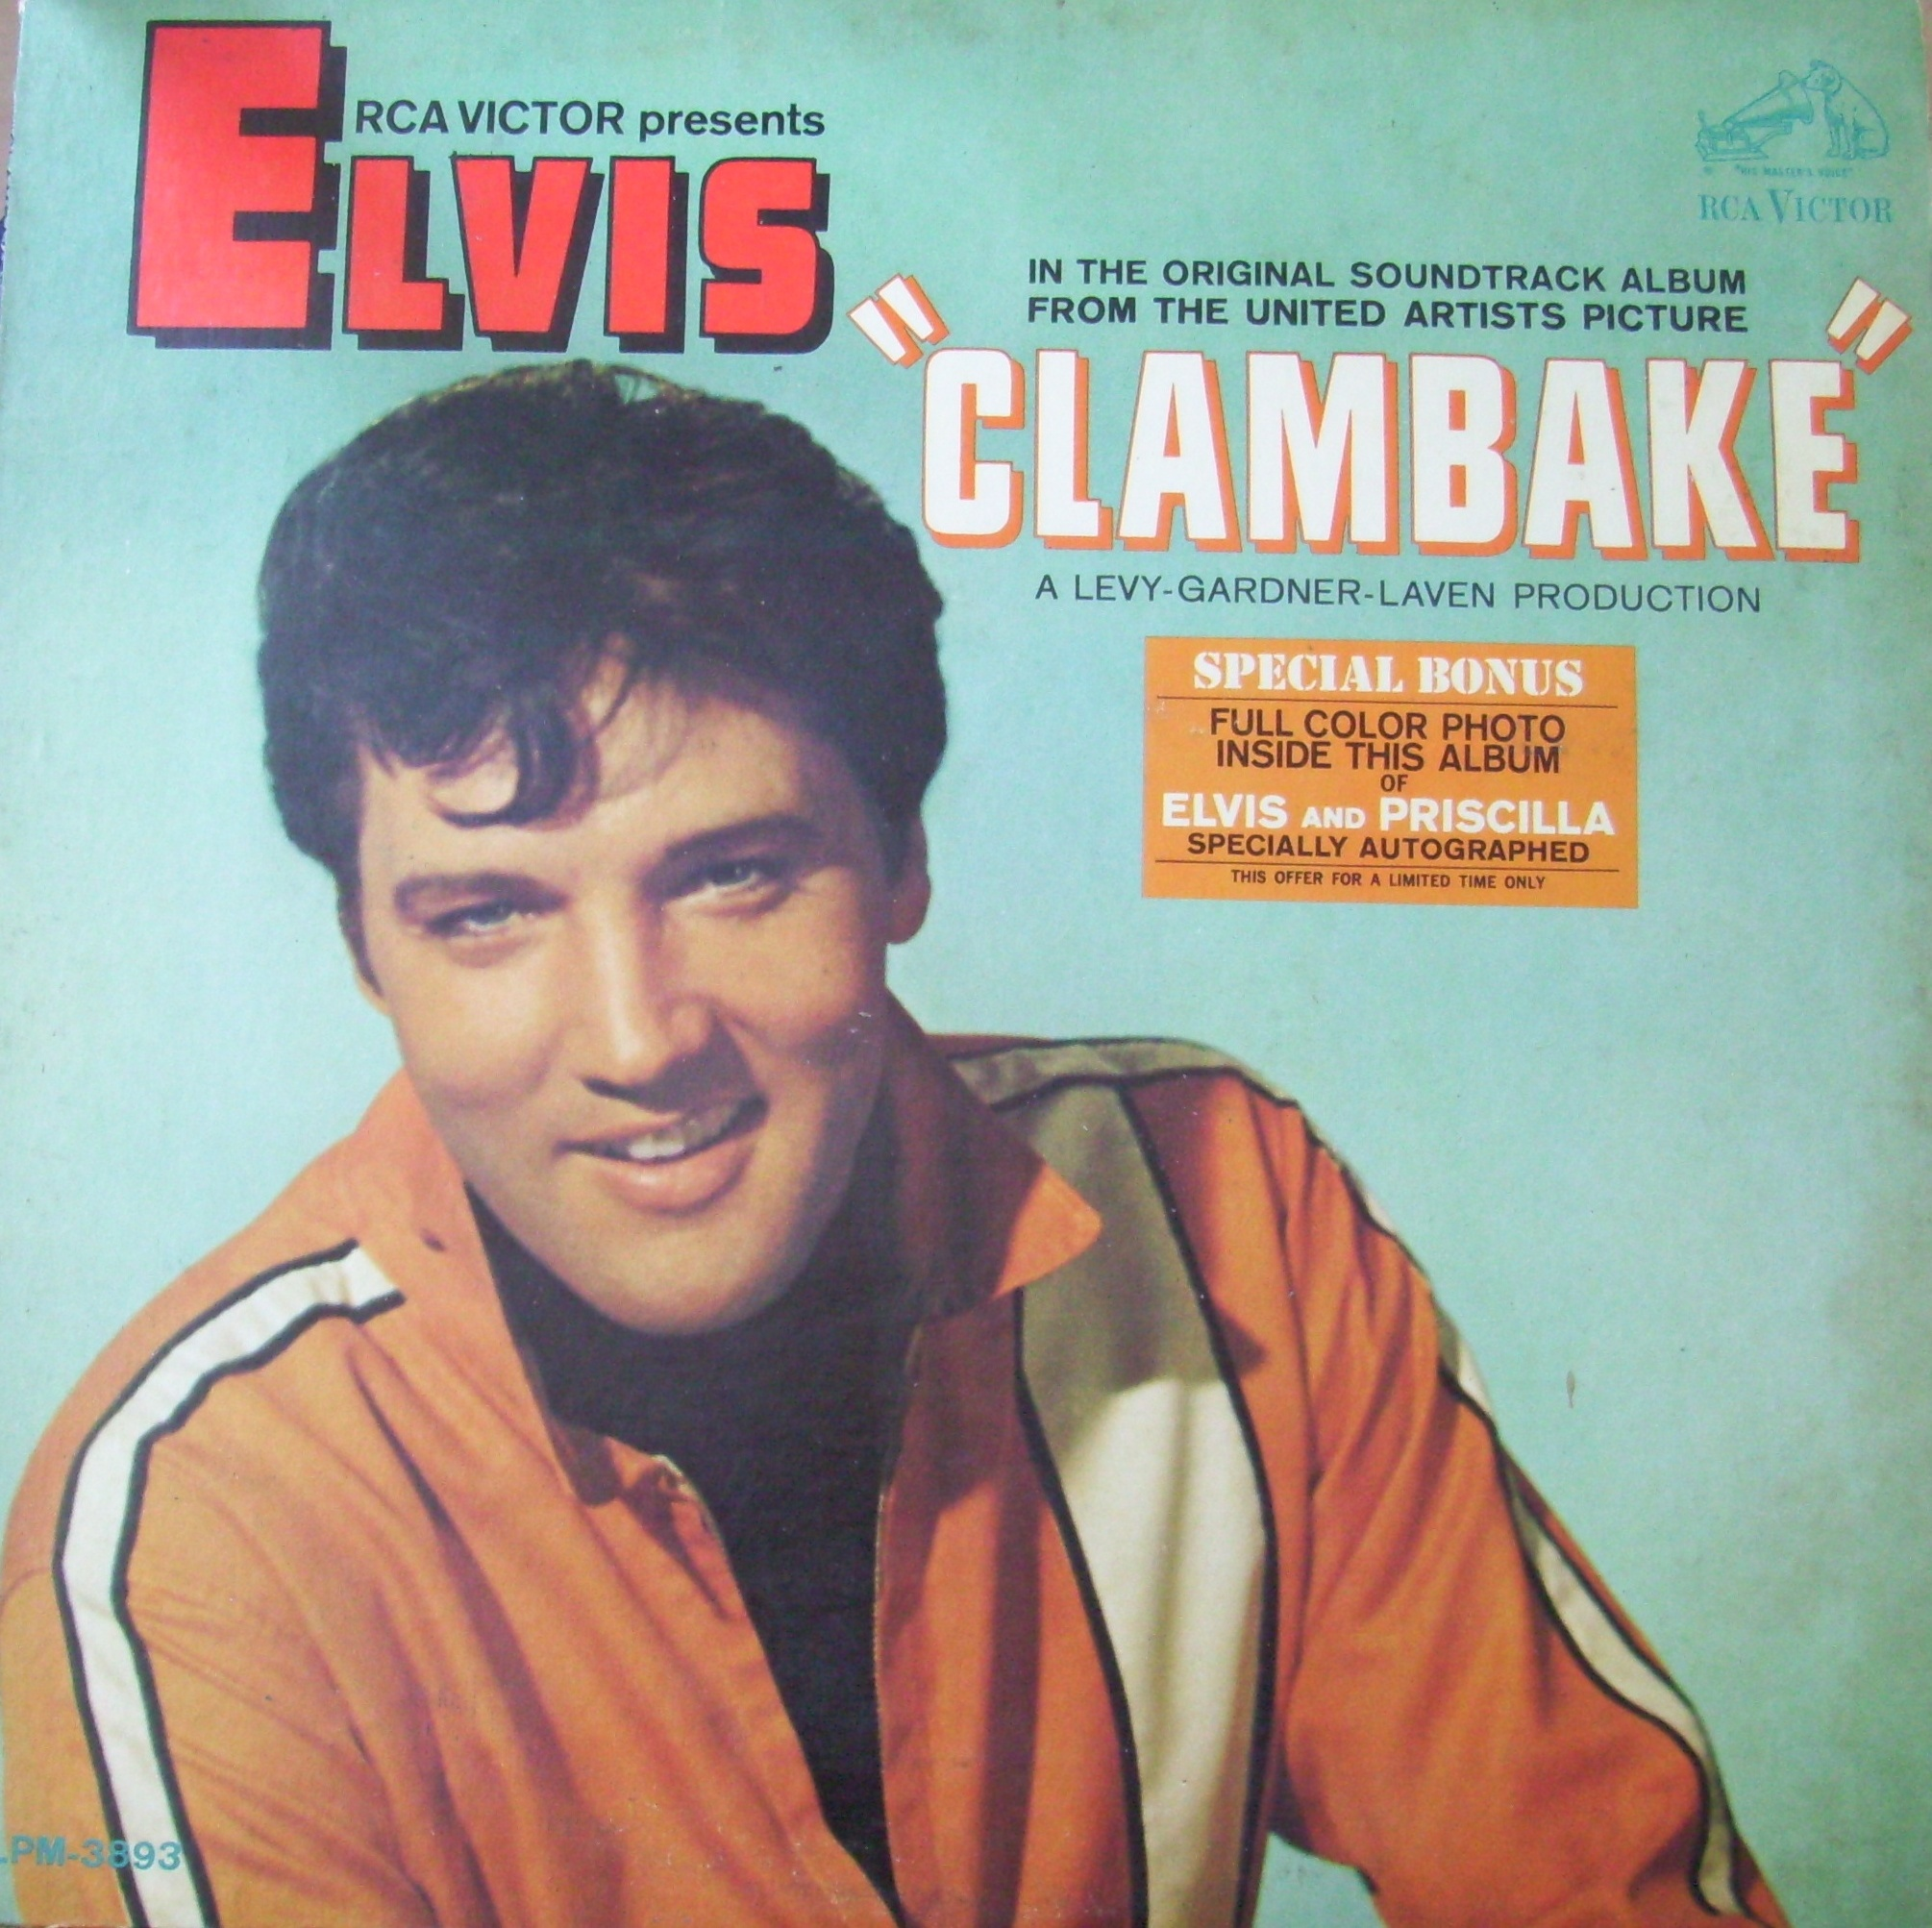 CLAMBAKE Q267j82n